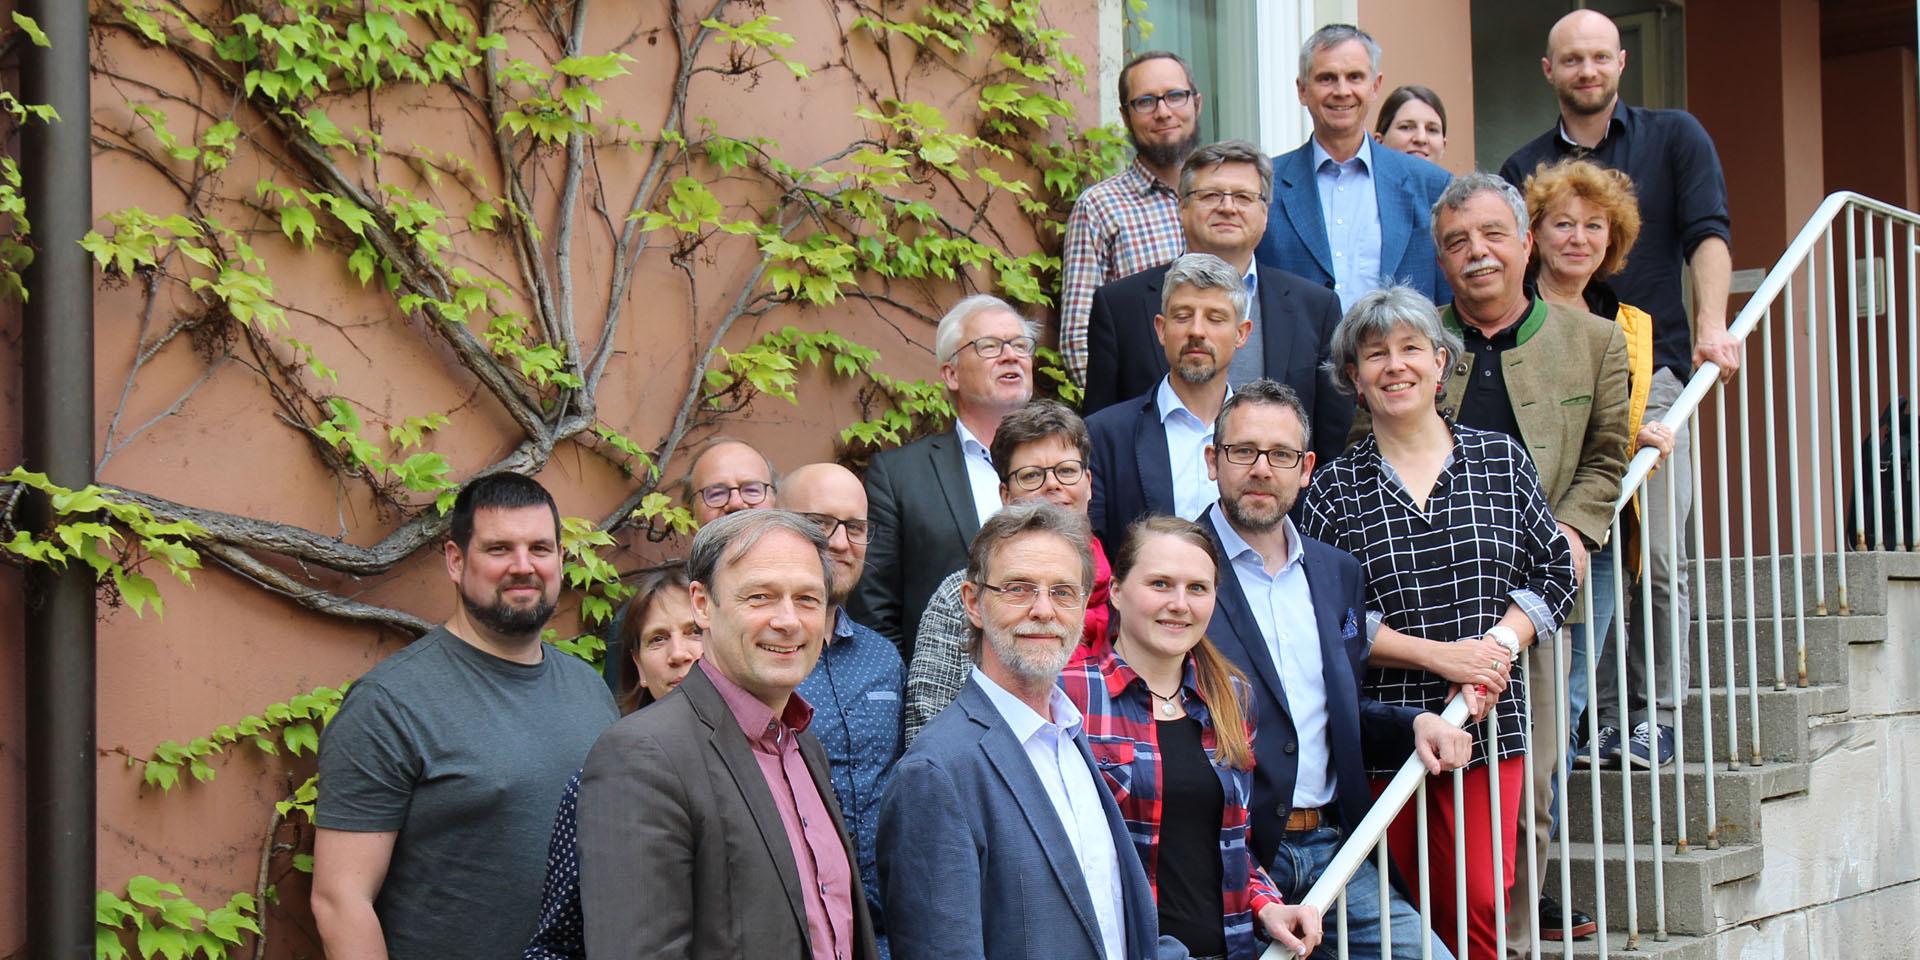 Mitglieder und Gäste 'Runder Tisch ELKB und Rechtsextremismus'